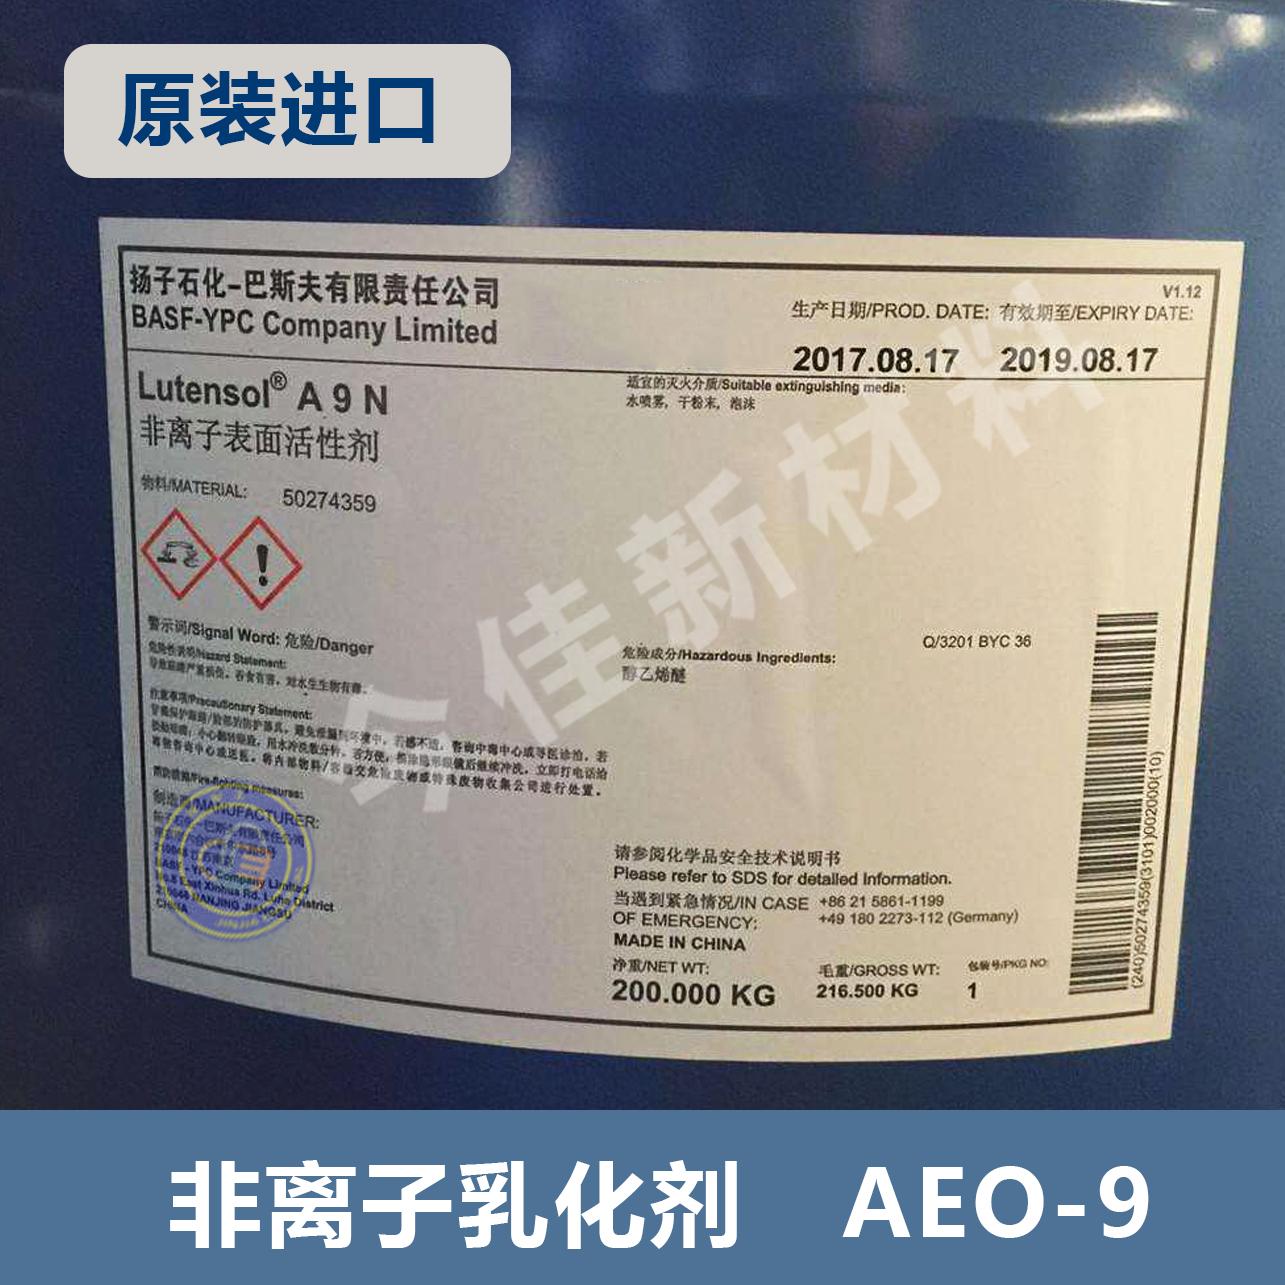 脂肪醇聚氧乙烯醚AEO-9 非离子乳化剂